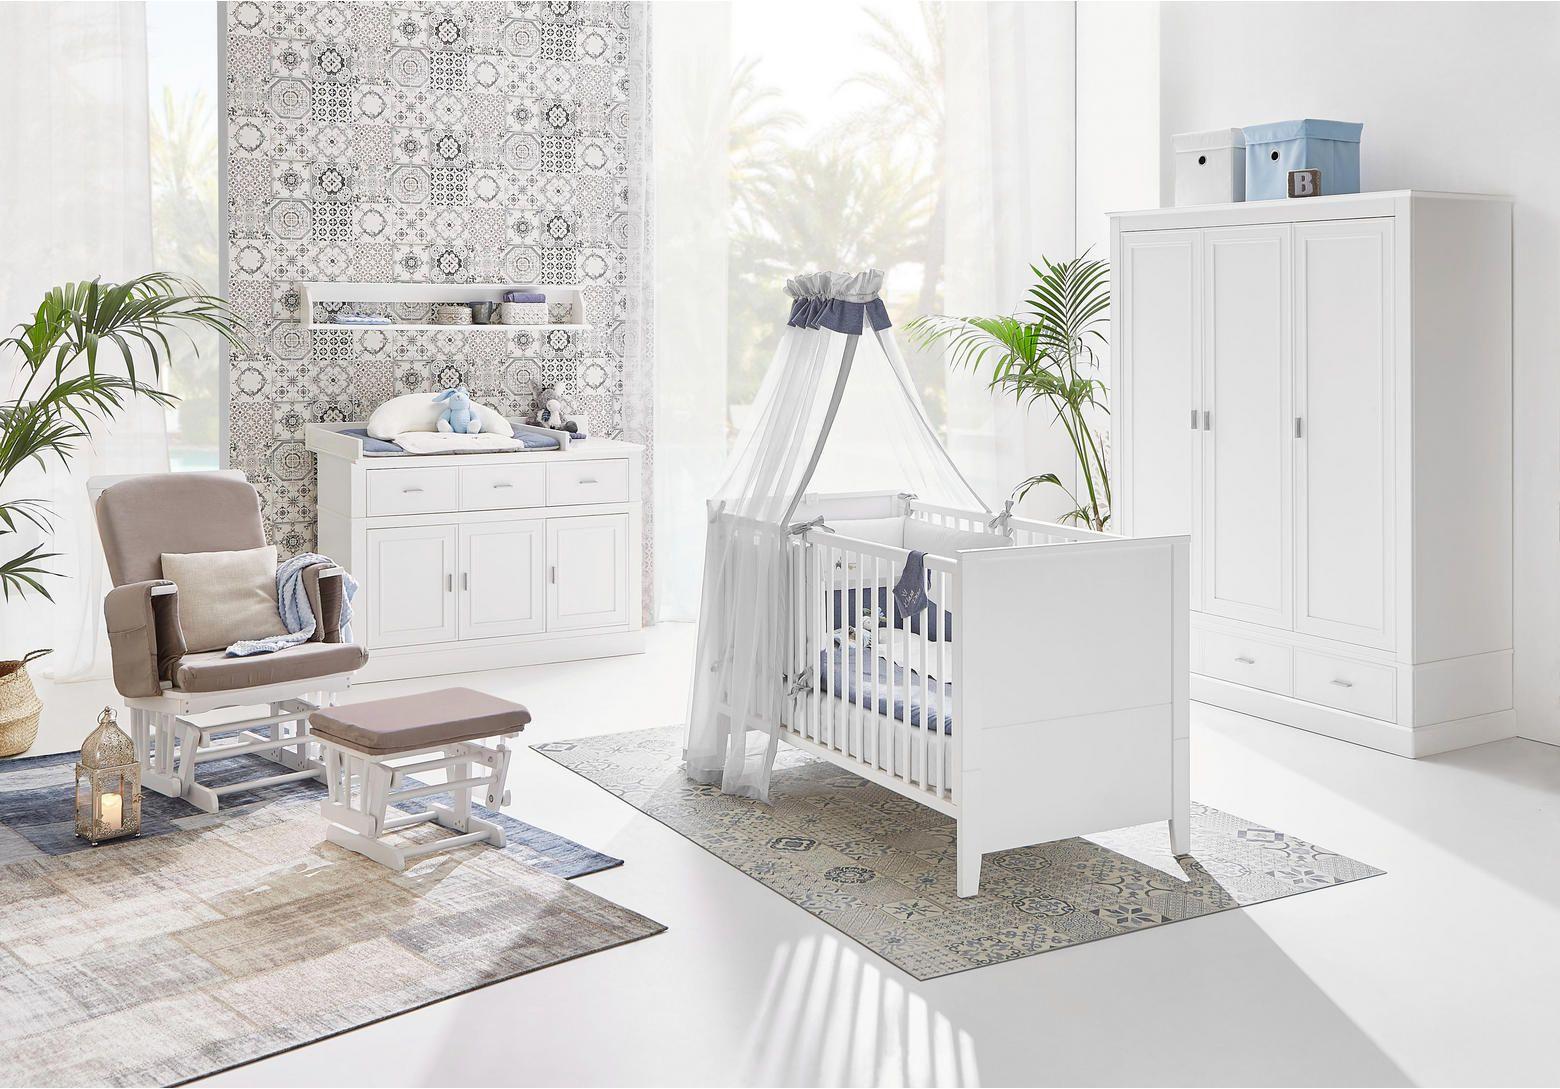 Babykleiderschrank, Isolde, Babyzimmer | Baby regale